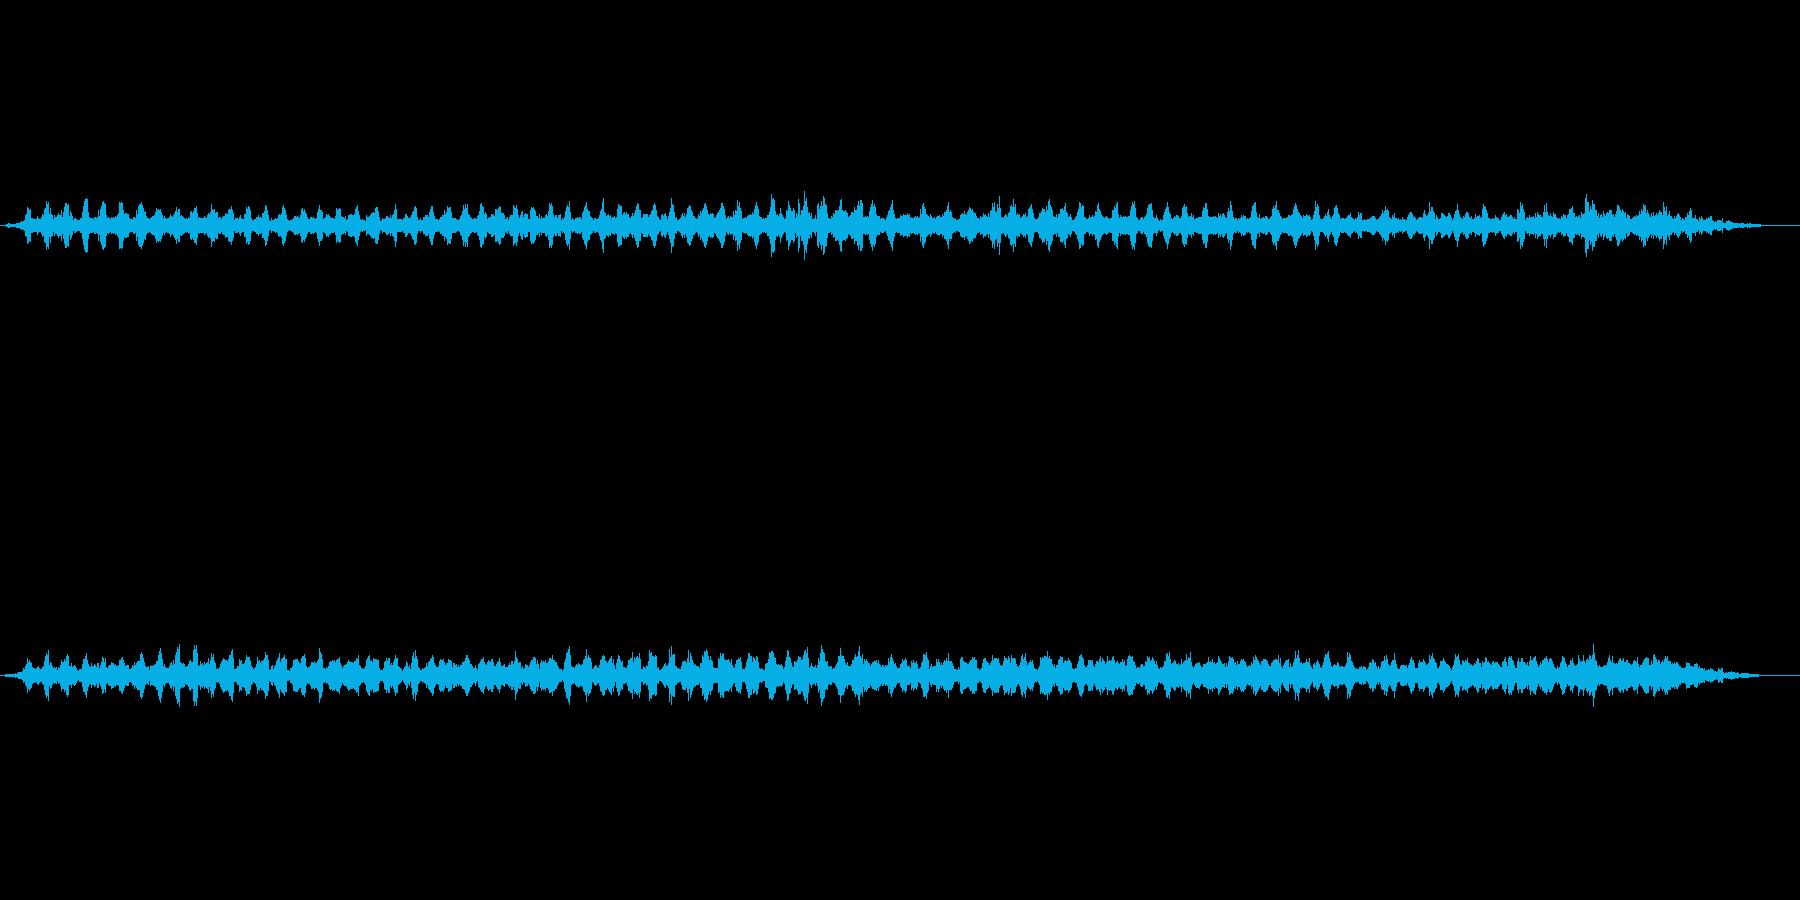 里山の夜 カエルの鳴き声の再生済みの波形